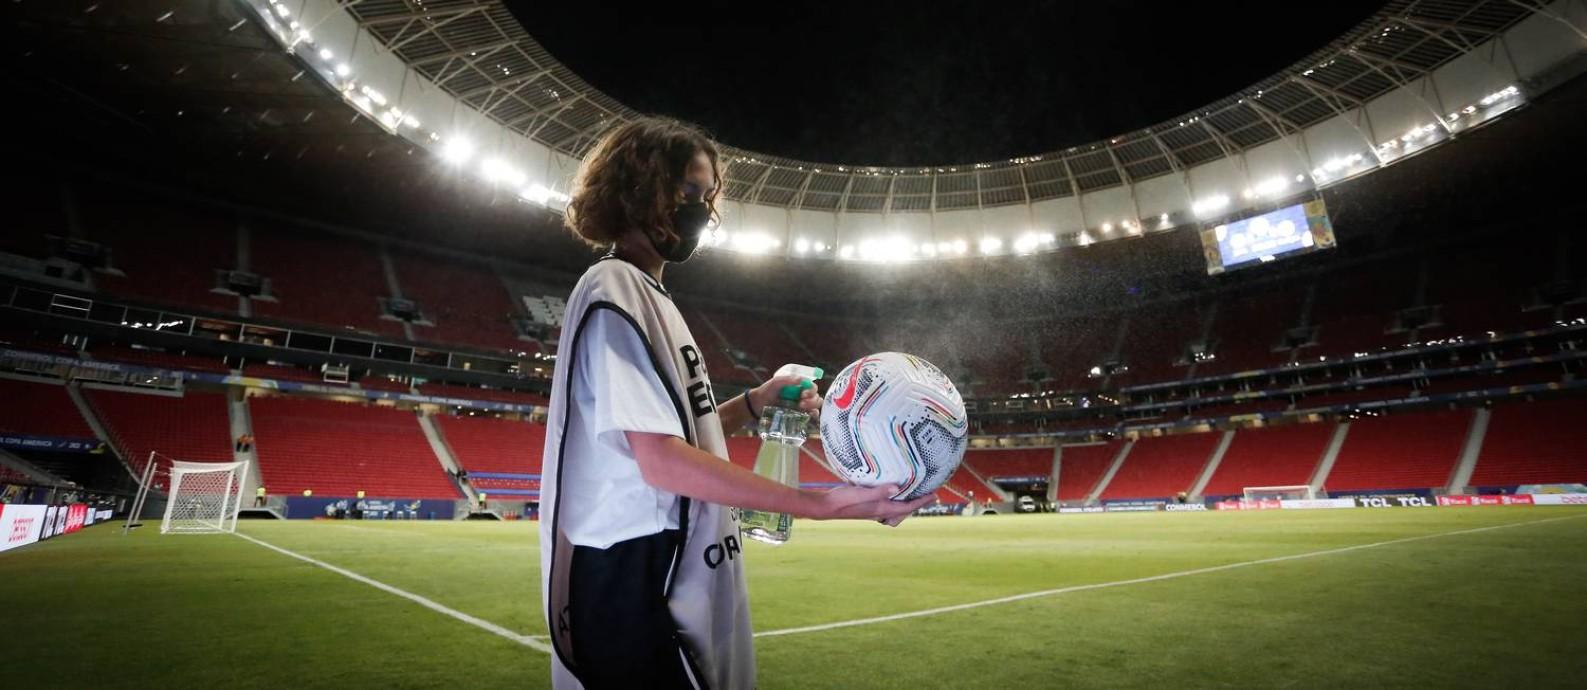 Mané Garrincha poderá receber até 18 mil pessoas em jogo do Flamengo Foto: Pablo Jacob / Agência O Globo